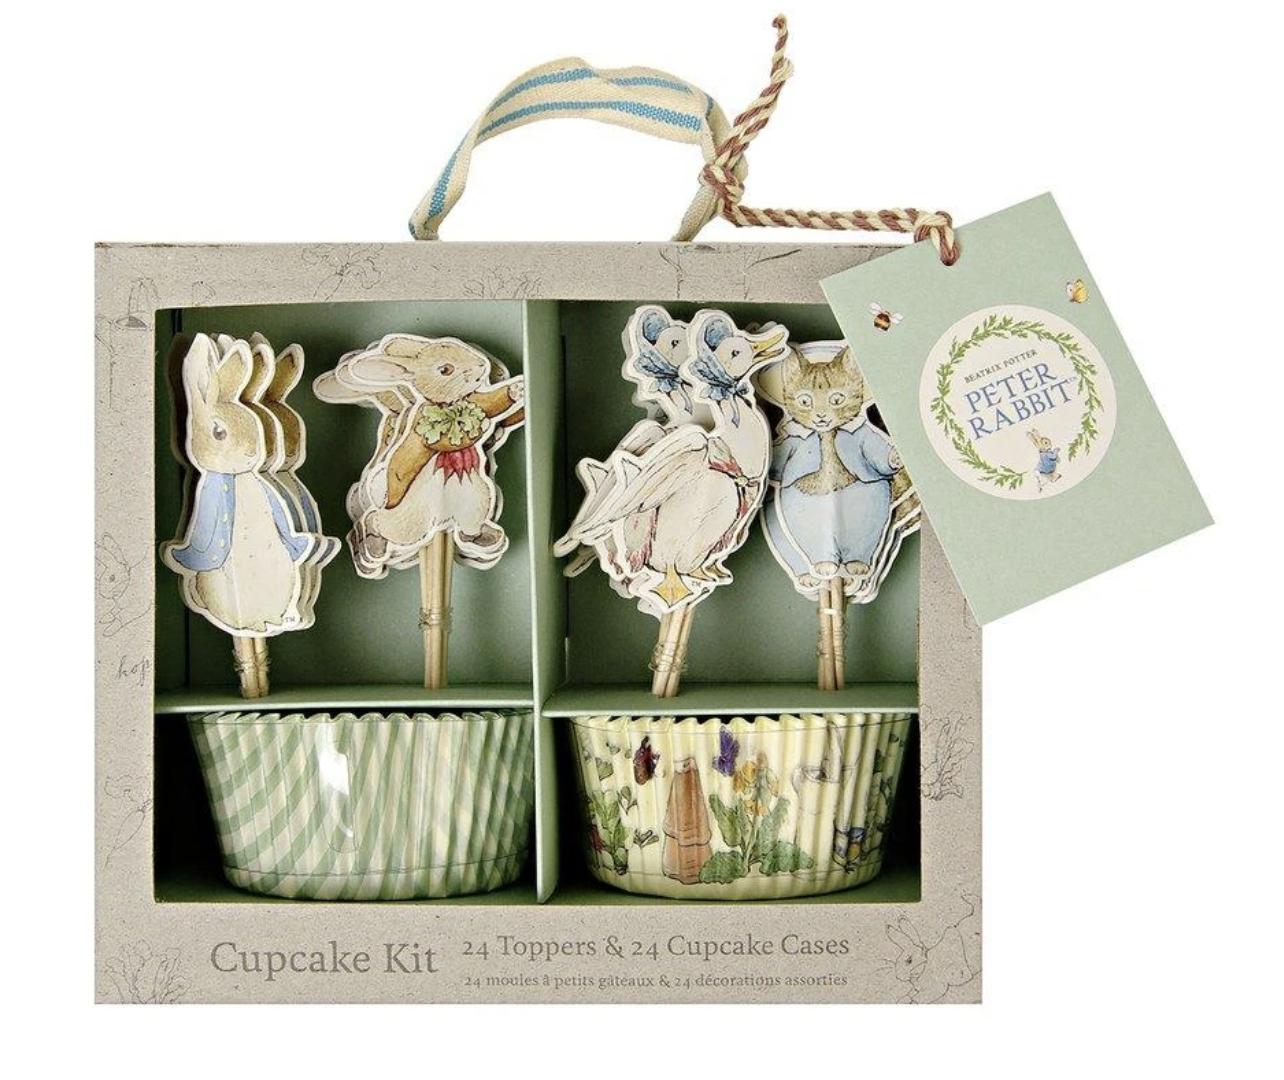 Peter Rabbit Cupcake Kit